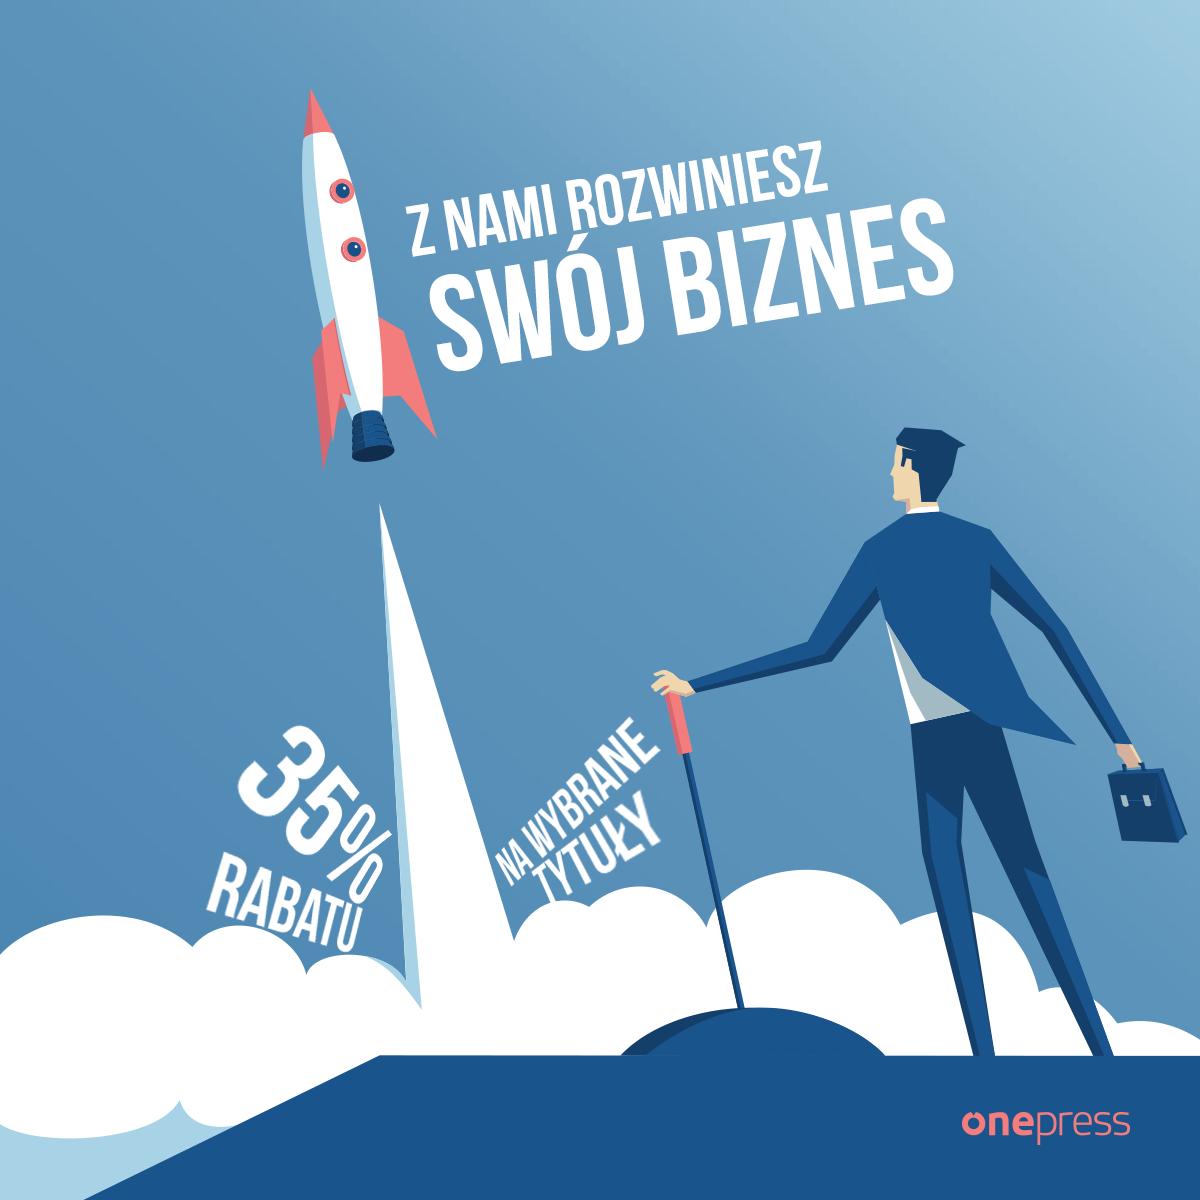 Książki o rozwijaniu biznesu 35% taniej @onepress